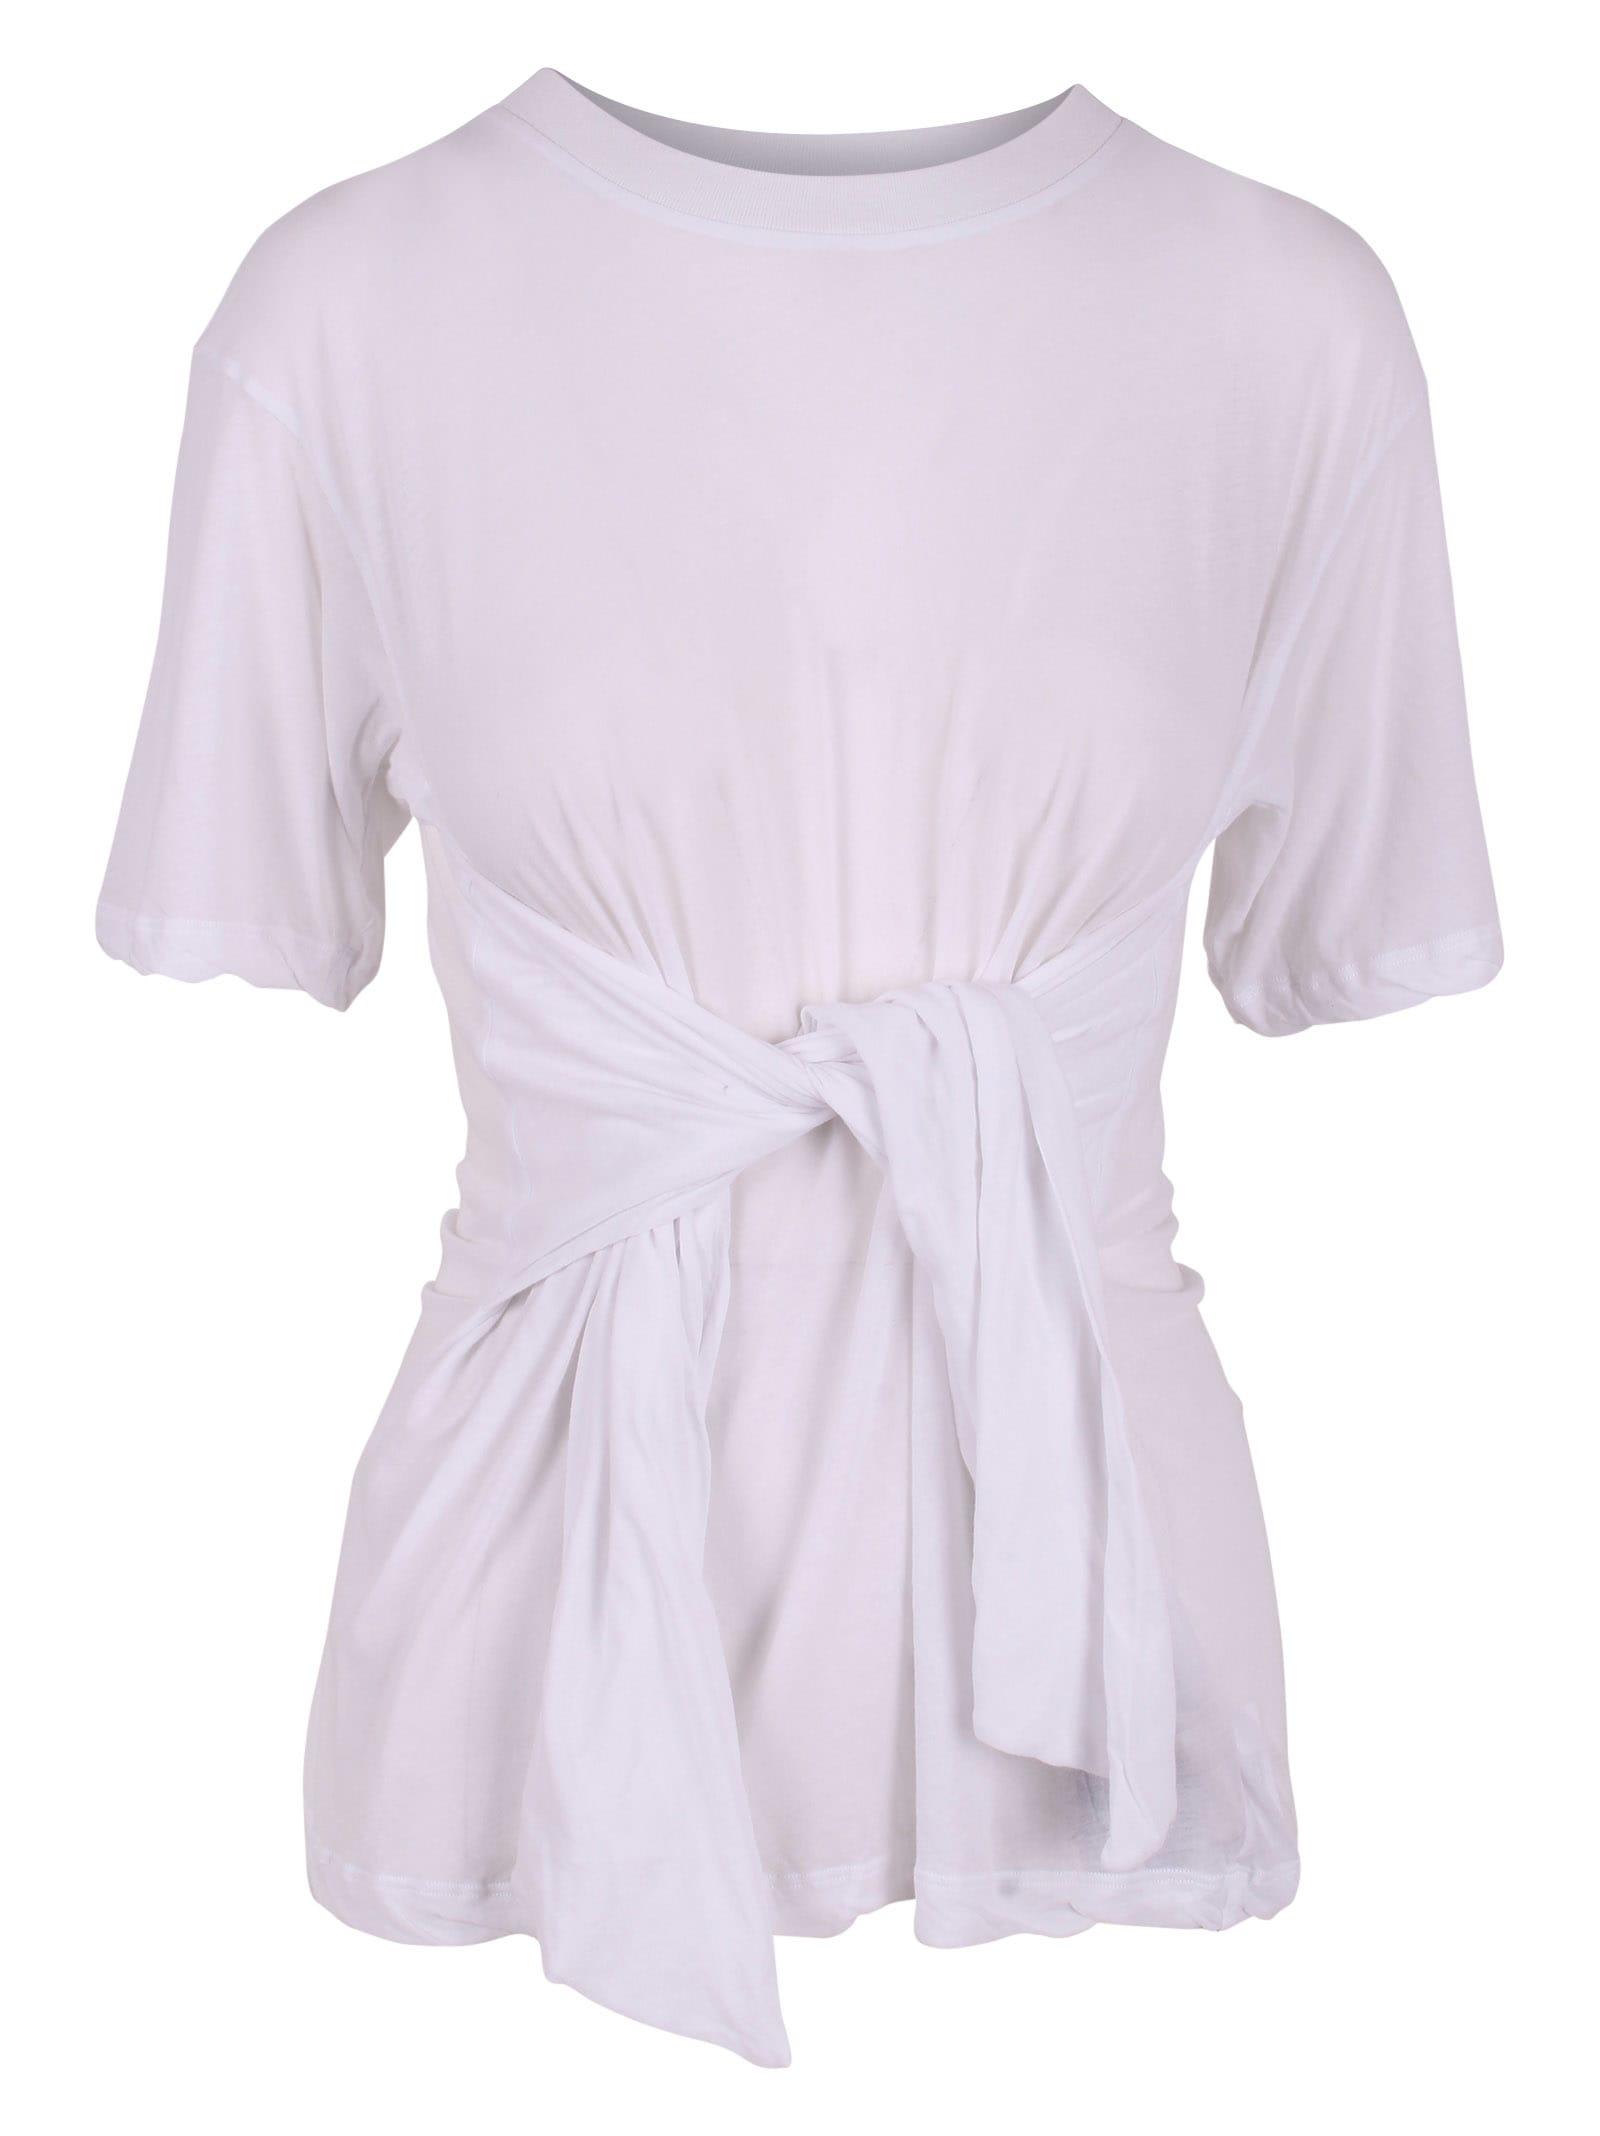 Unravel Project Cotton T-shirt